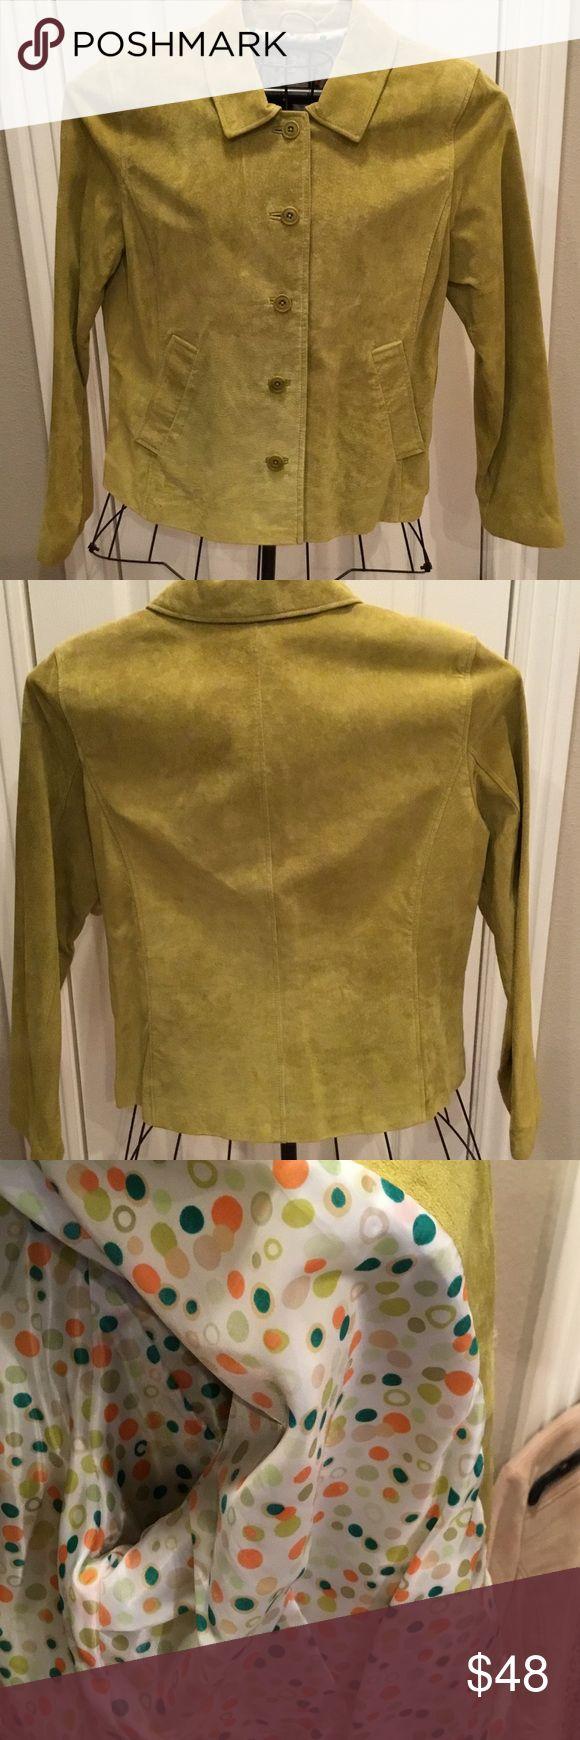 Like new David Brooks suede jacket size 14 Like new David Brooks suede jacket size 14, button front, fully-lined. Comes from smoke-free, pet-free home. David Brooks Jackets & Coats Blazers